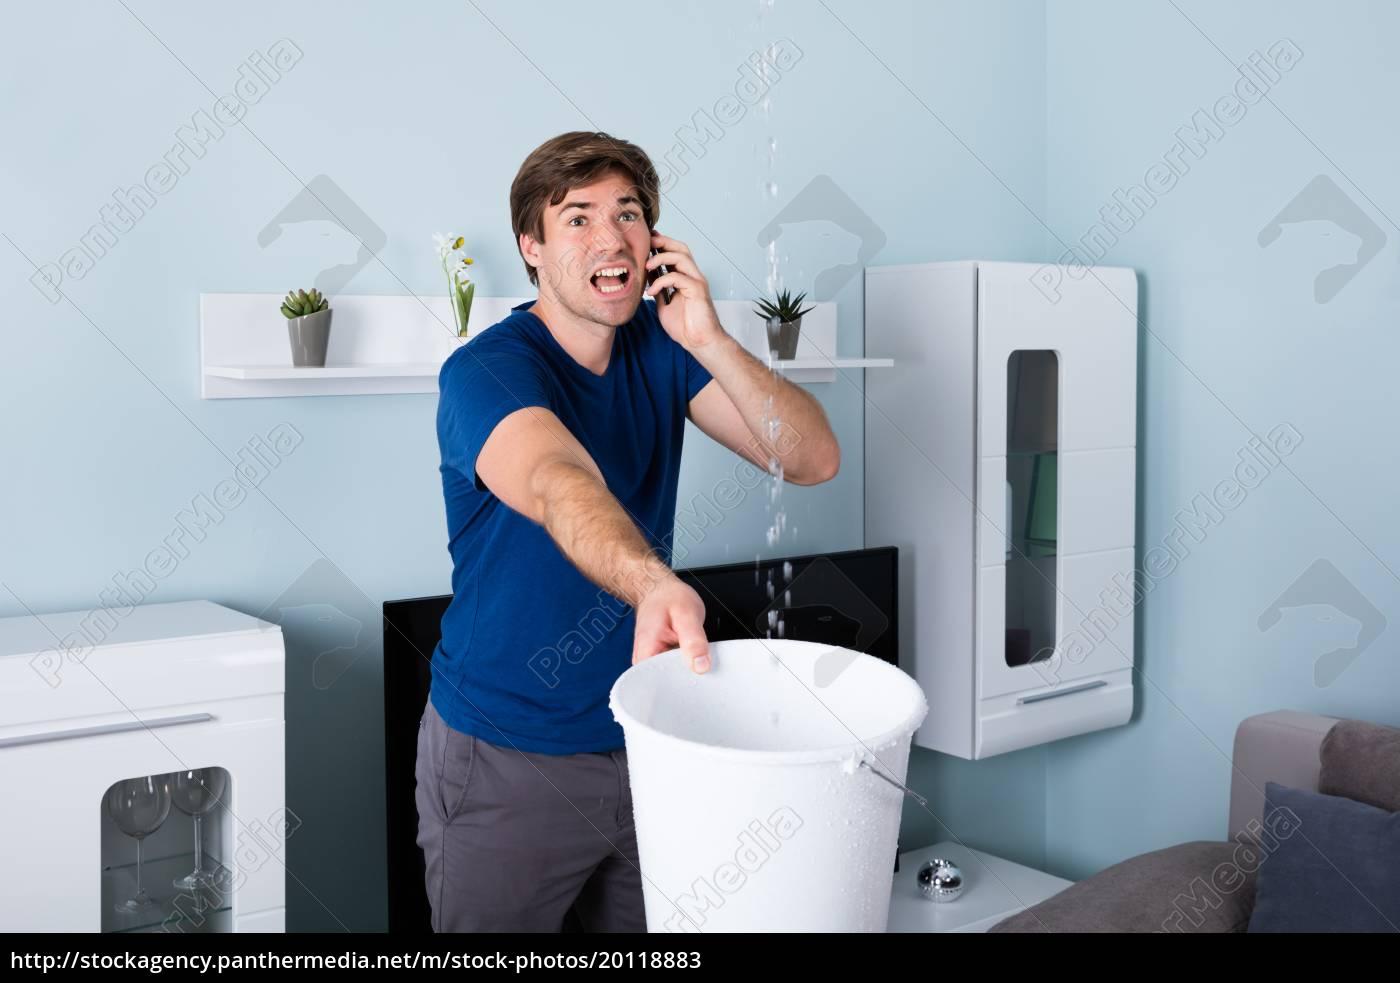 man, calling, plumber - 20118883